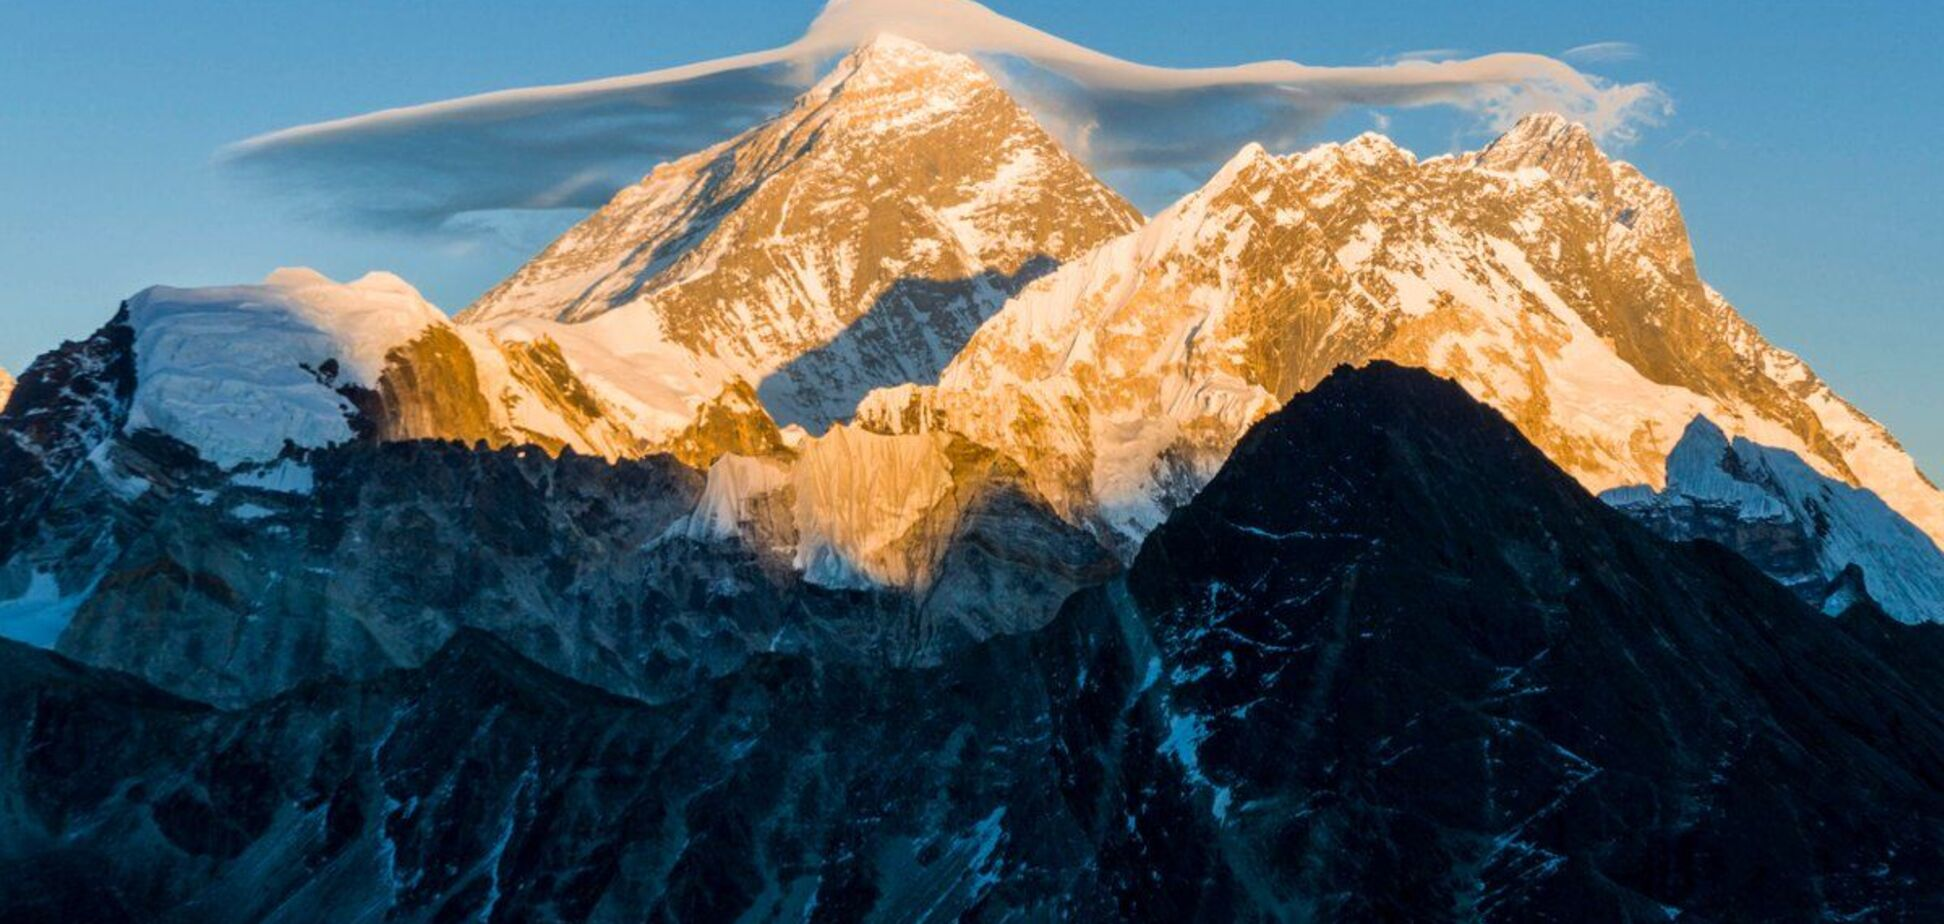 Геодезисти змінили висоту Евересту: опубліковано результати дослідження